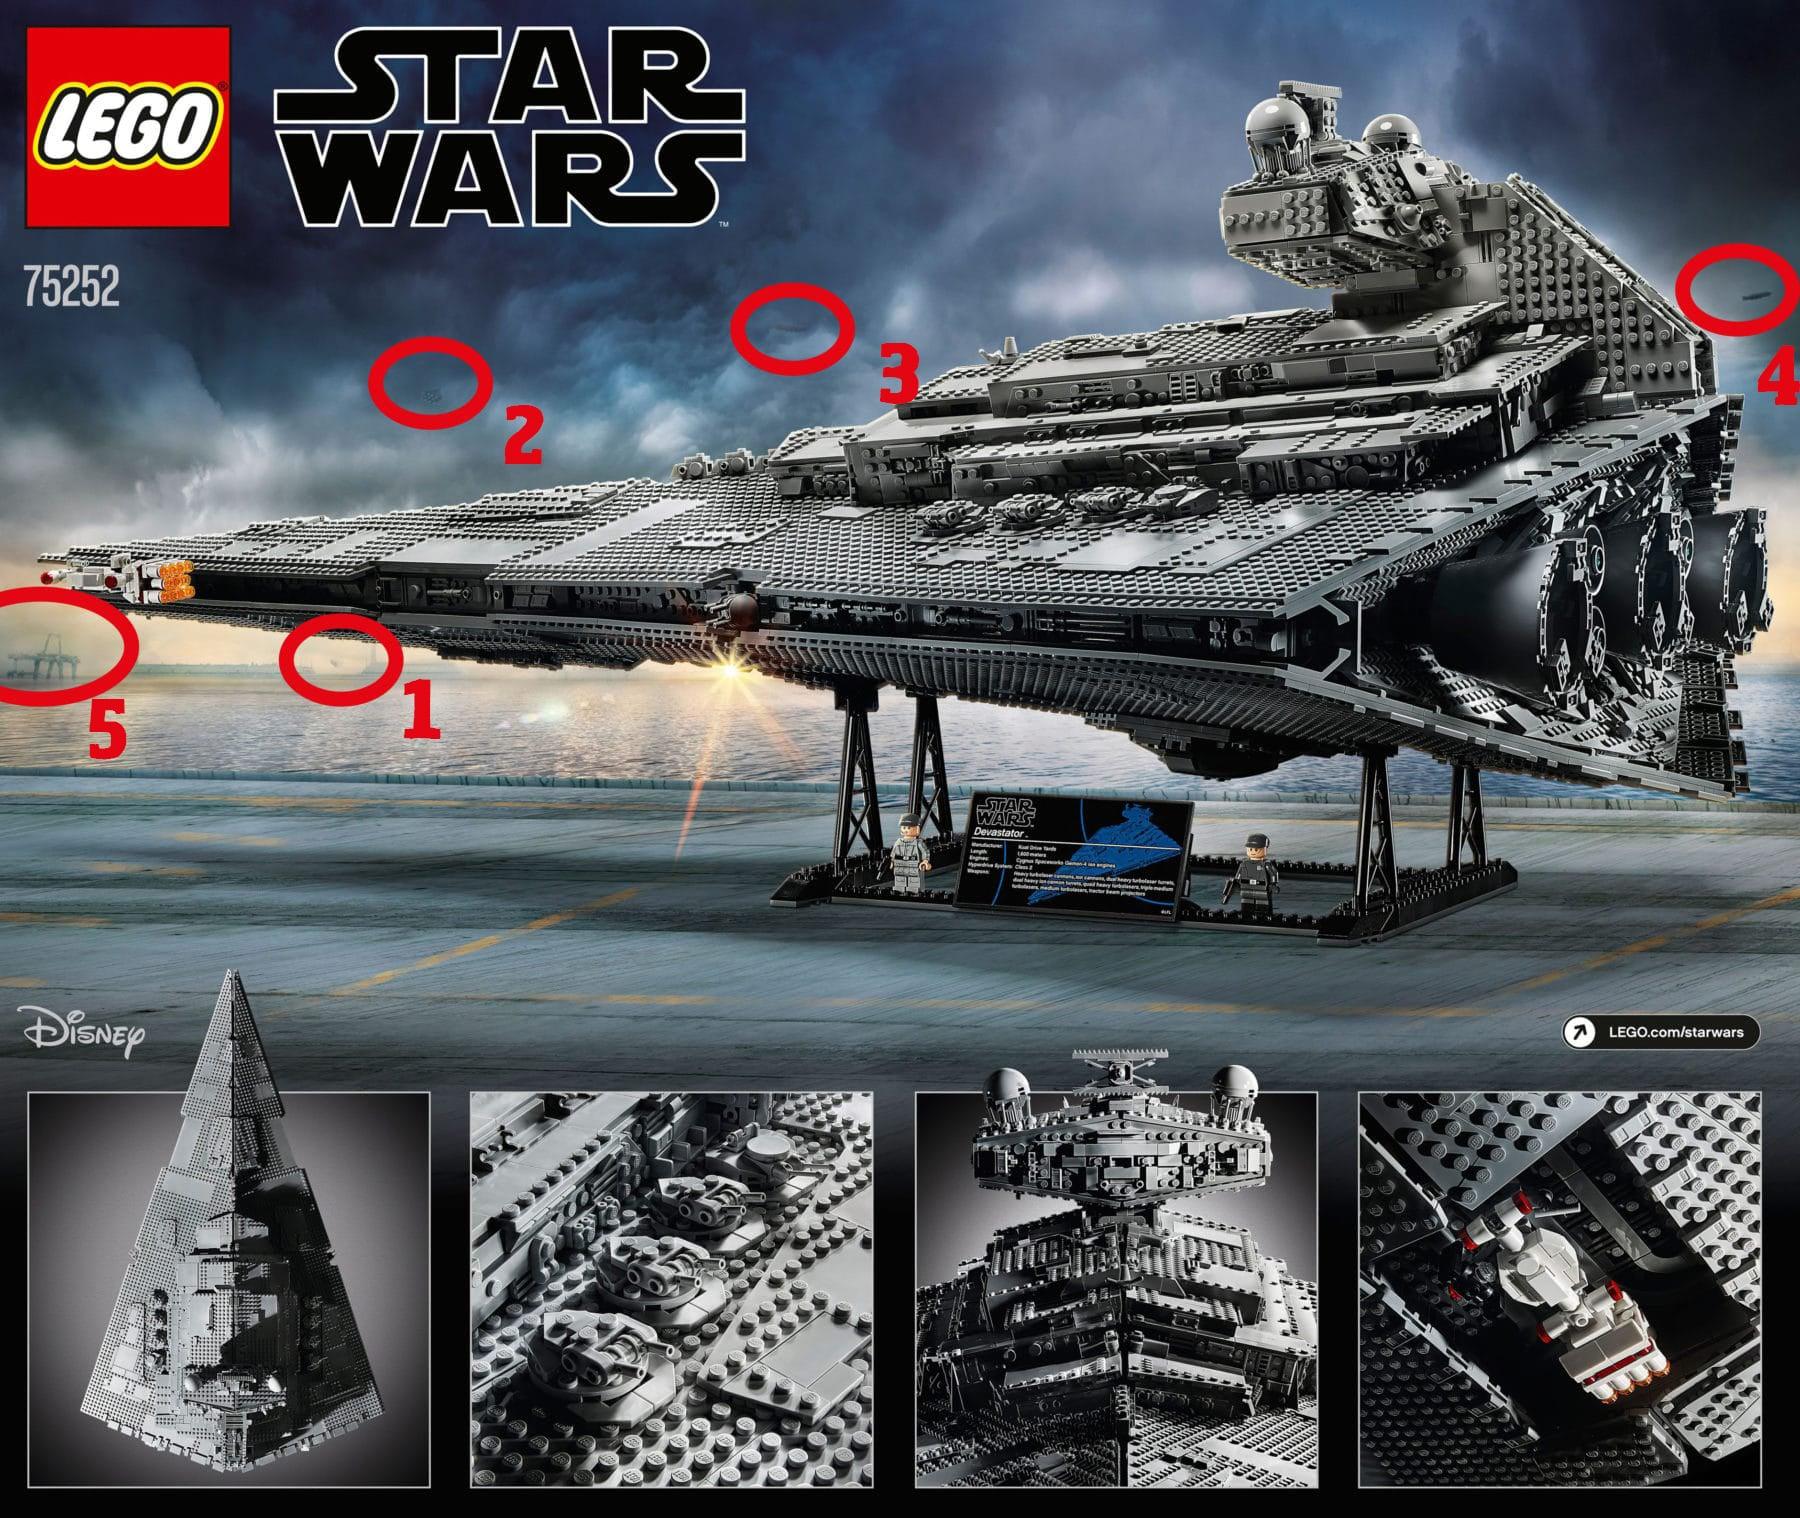 Die Rückseite des LEGO 75252 Kartons: Hinweise auf das nächste UCS Set?